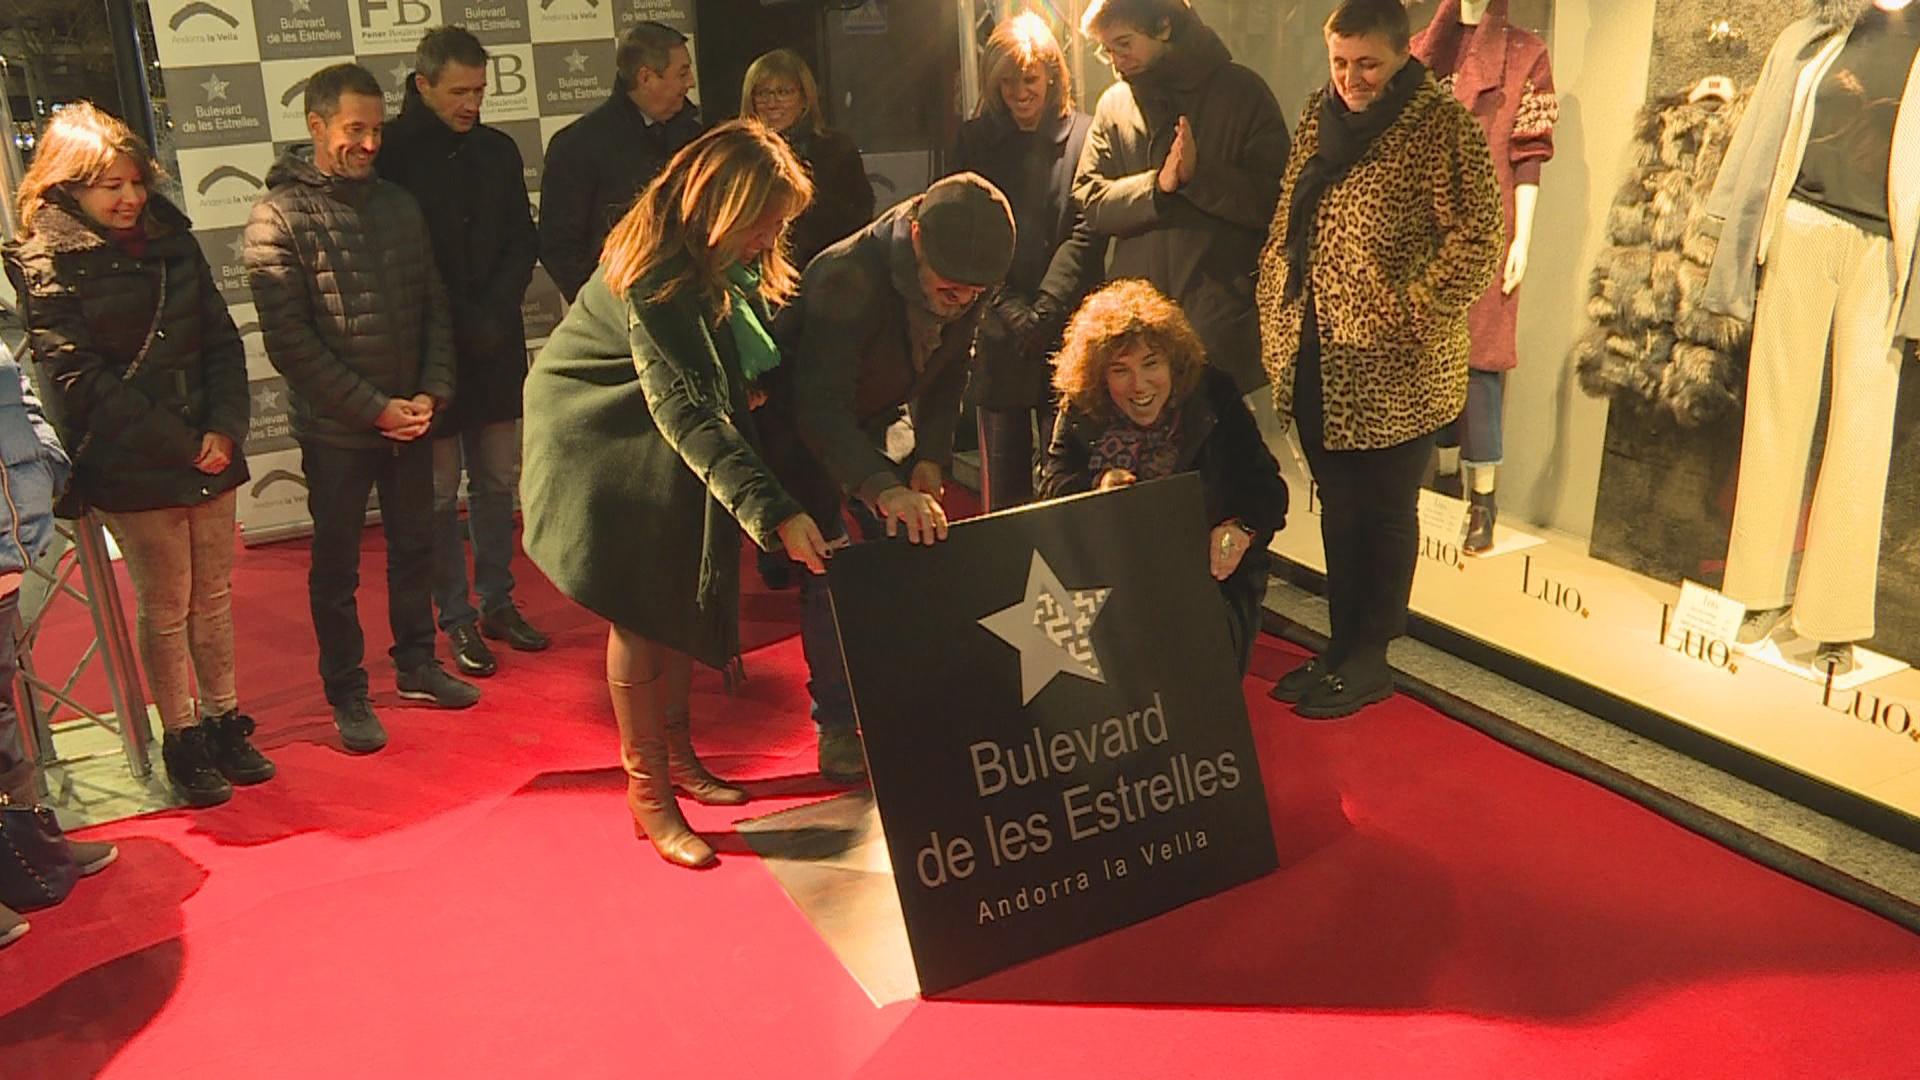 Marc Cartes ja té la seva estrella a Fener Bulevard